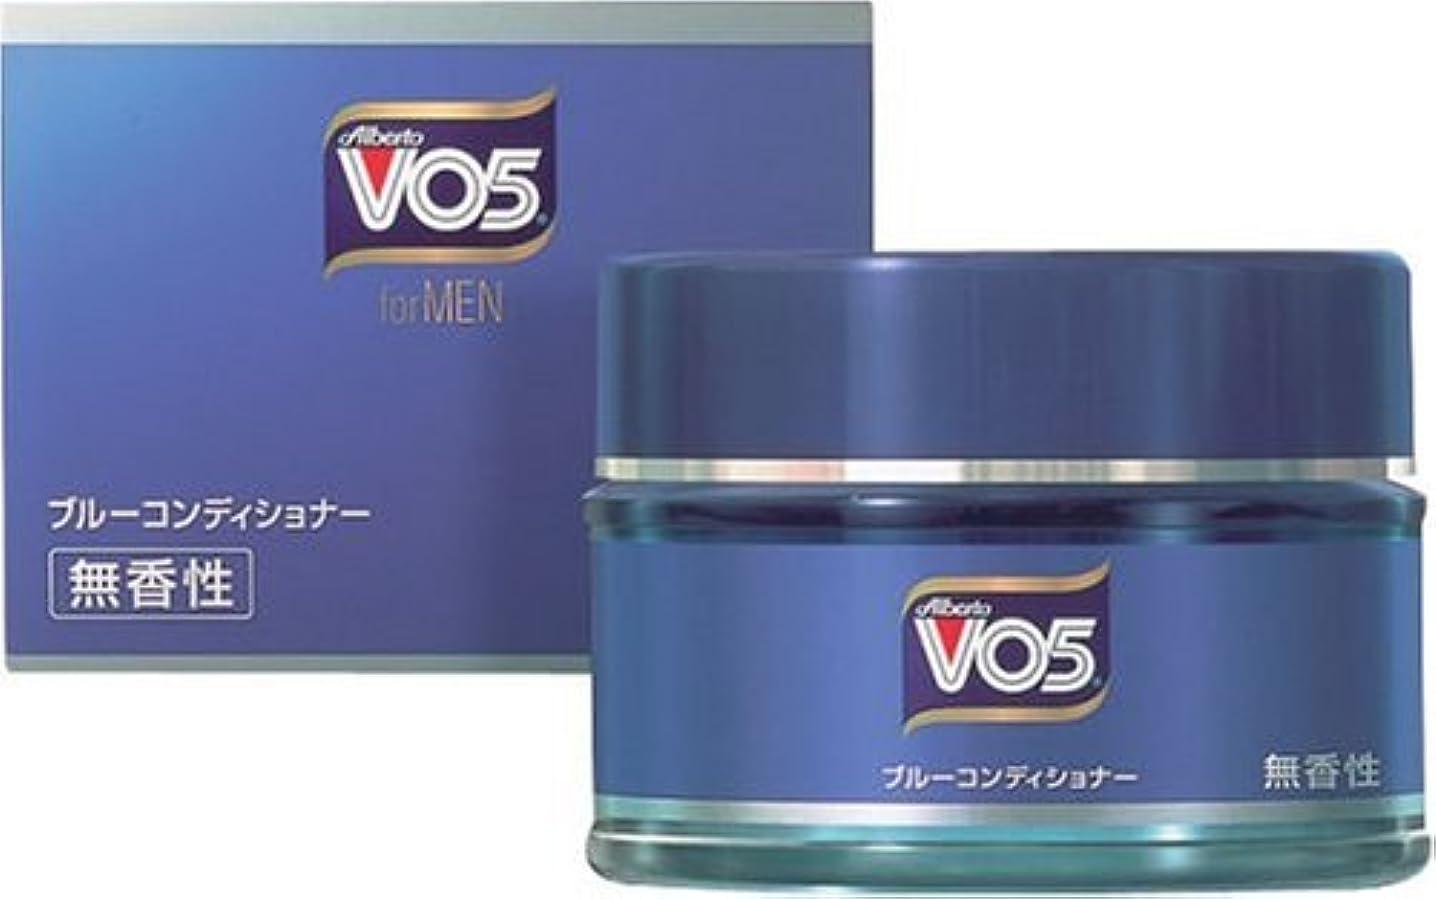 音節降雨添付VO5 for MEN ブルーコンディショナー 無香性 85G <白髪ケア ? 白髪かくし ? スタイリング剤 ? メンズ>